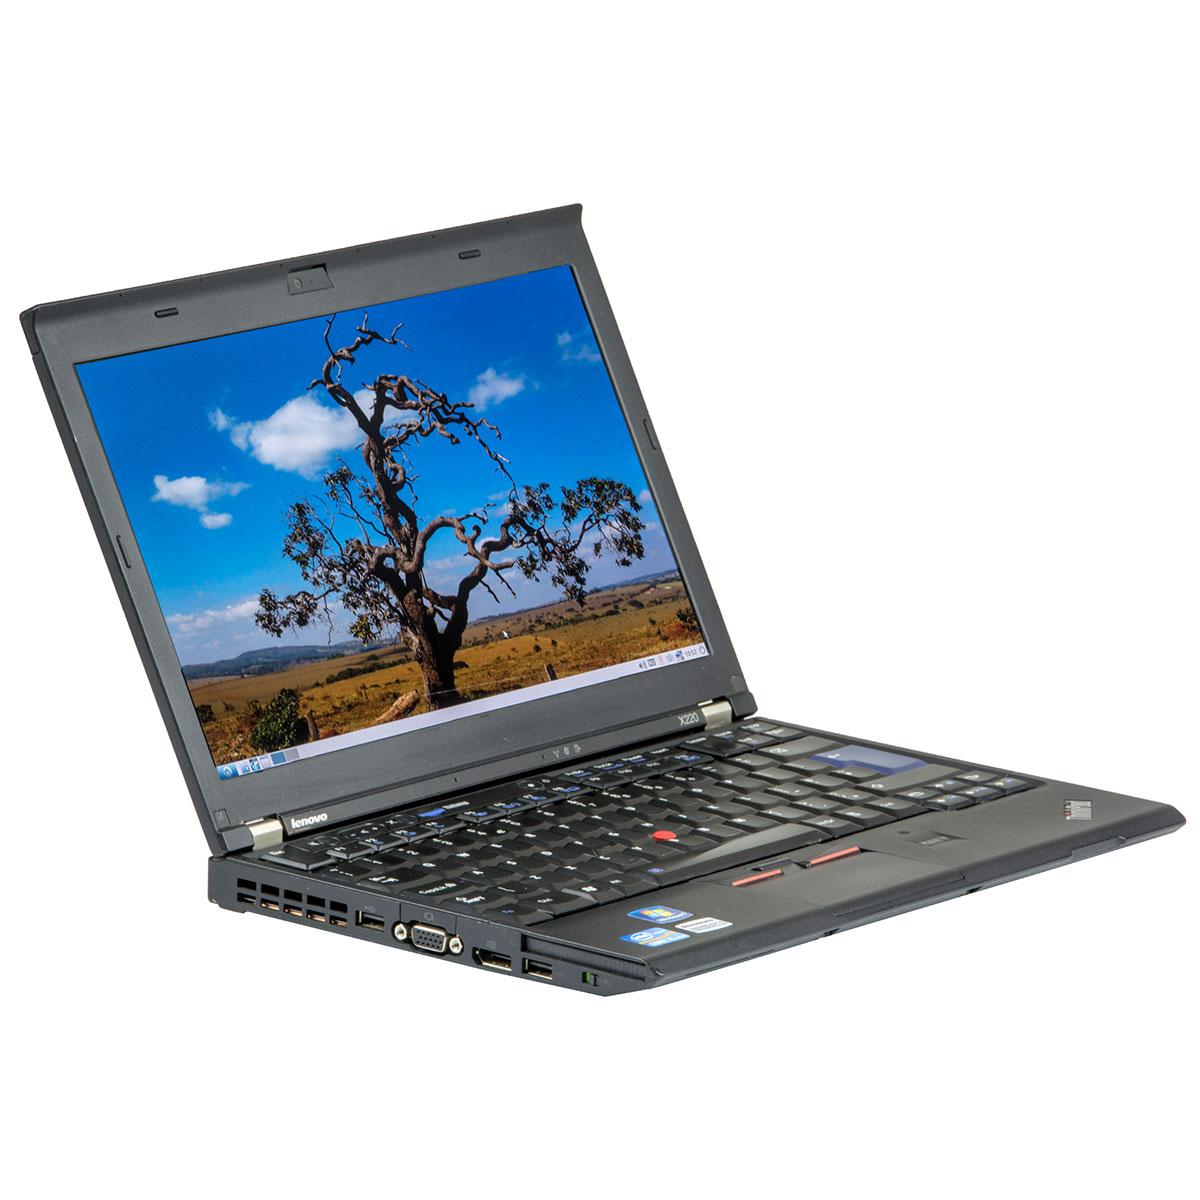 Lenovo Thinkpad X220 12.5 Led Backlit Intel Core I5-2410m 2.30 Ghz 4 Gb Ddr 3 Sodimm 320 Gb Hdd Fara Unitate Optica Webcam Windows 10 Home